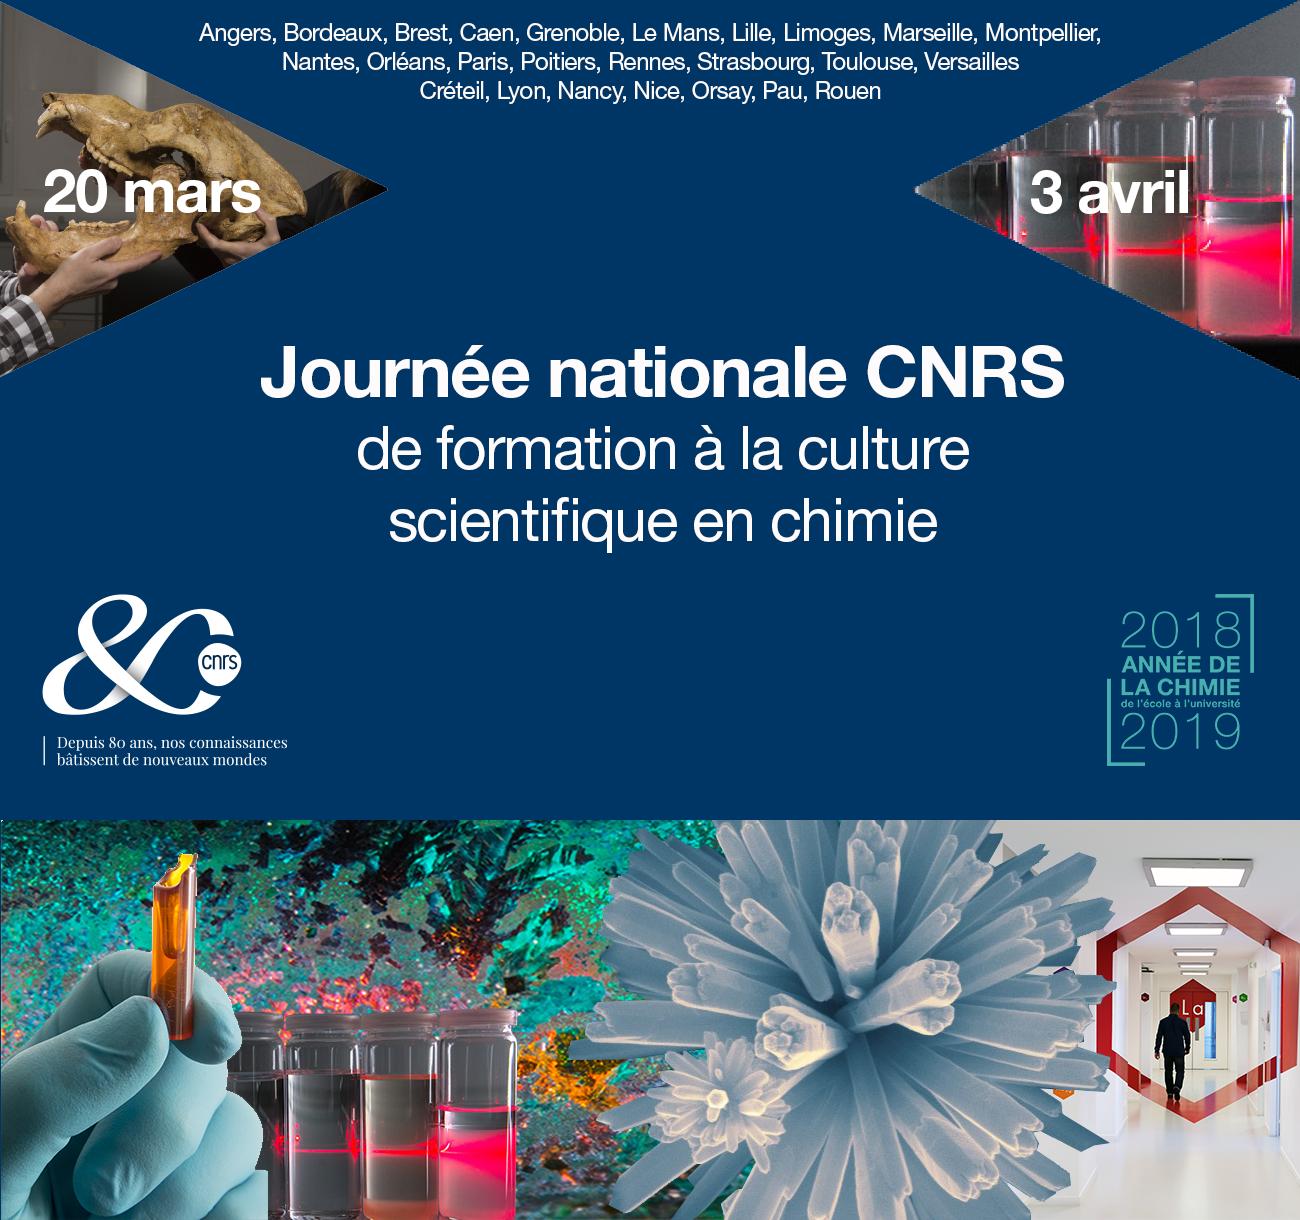 Journées nationales de formation à la culture scientifique en chimie à Nancy